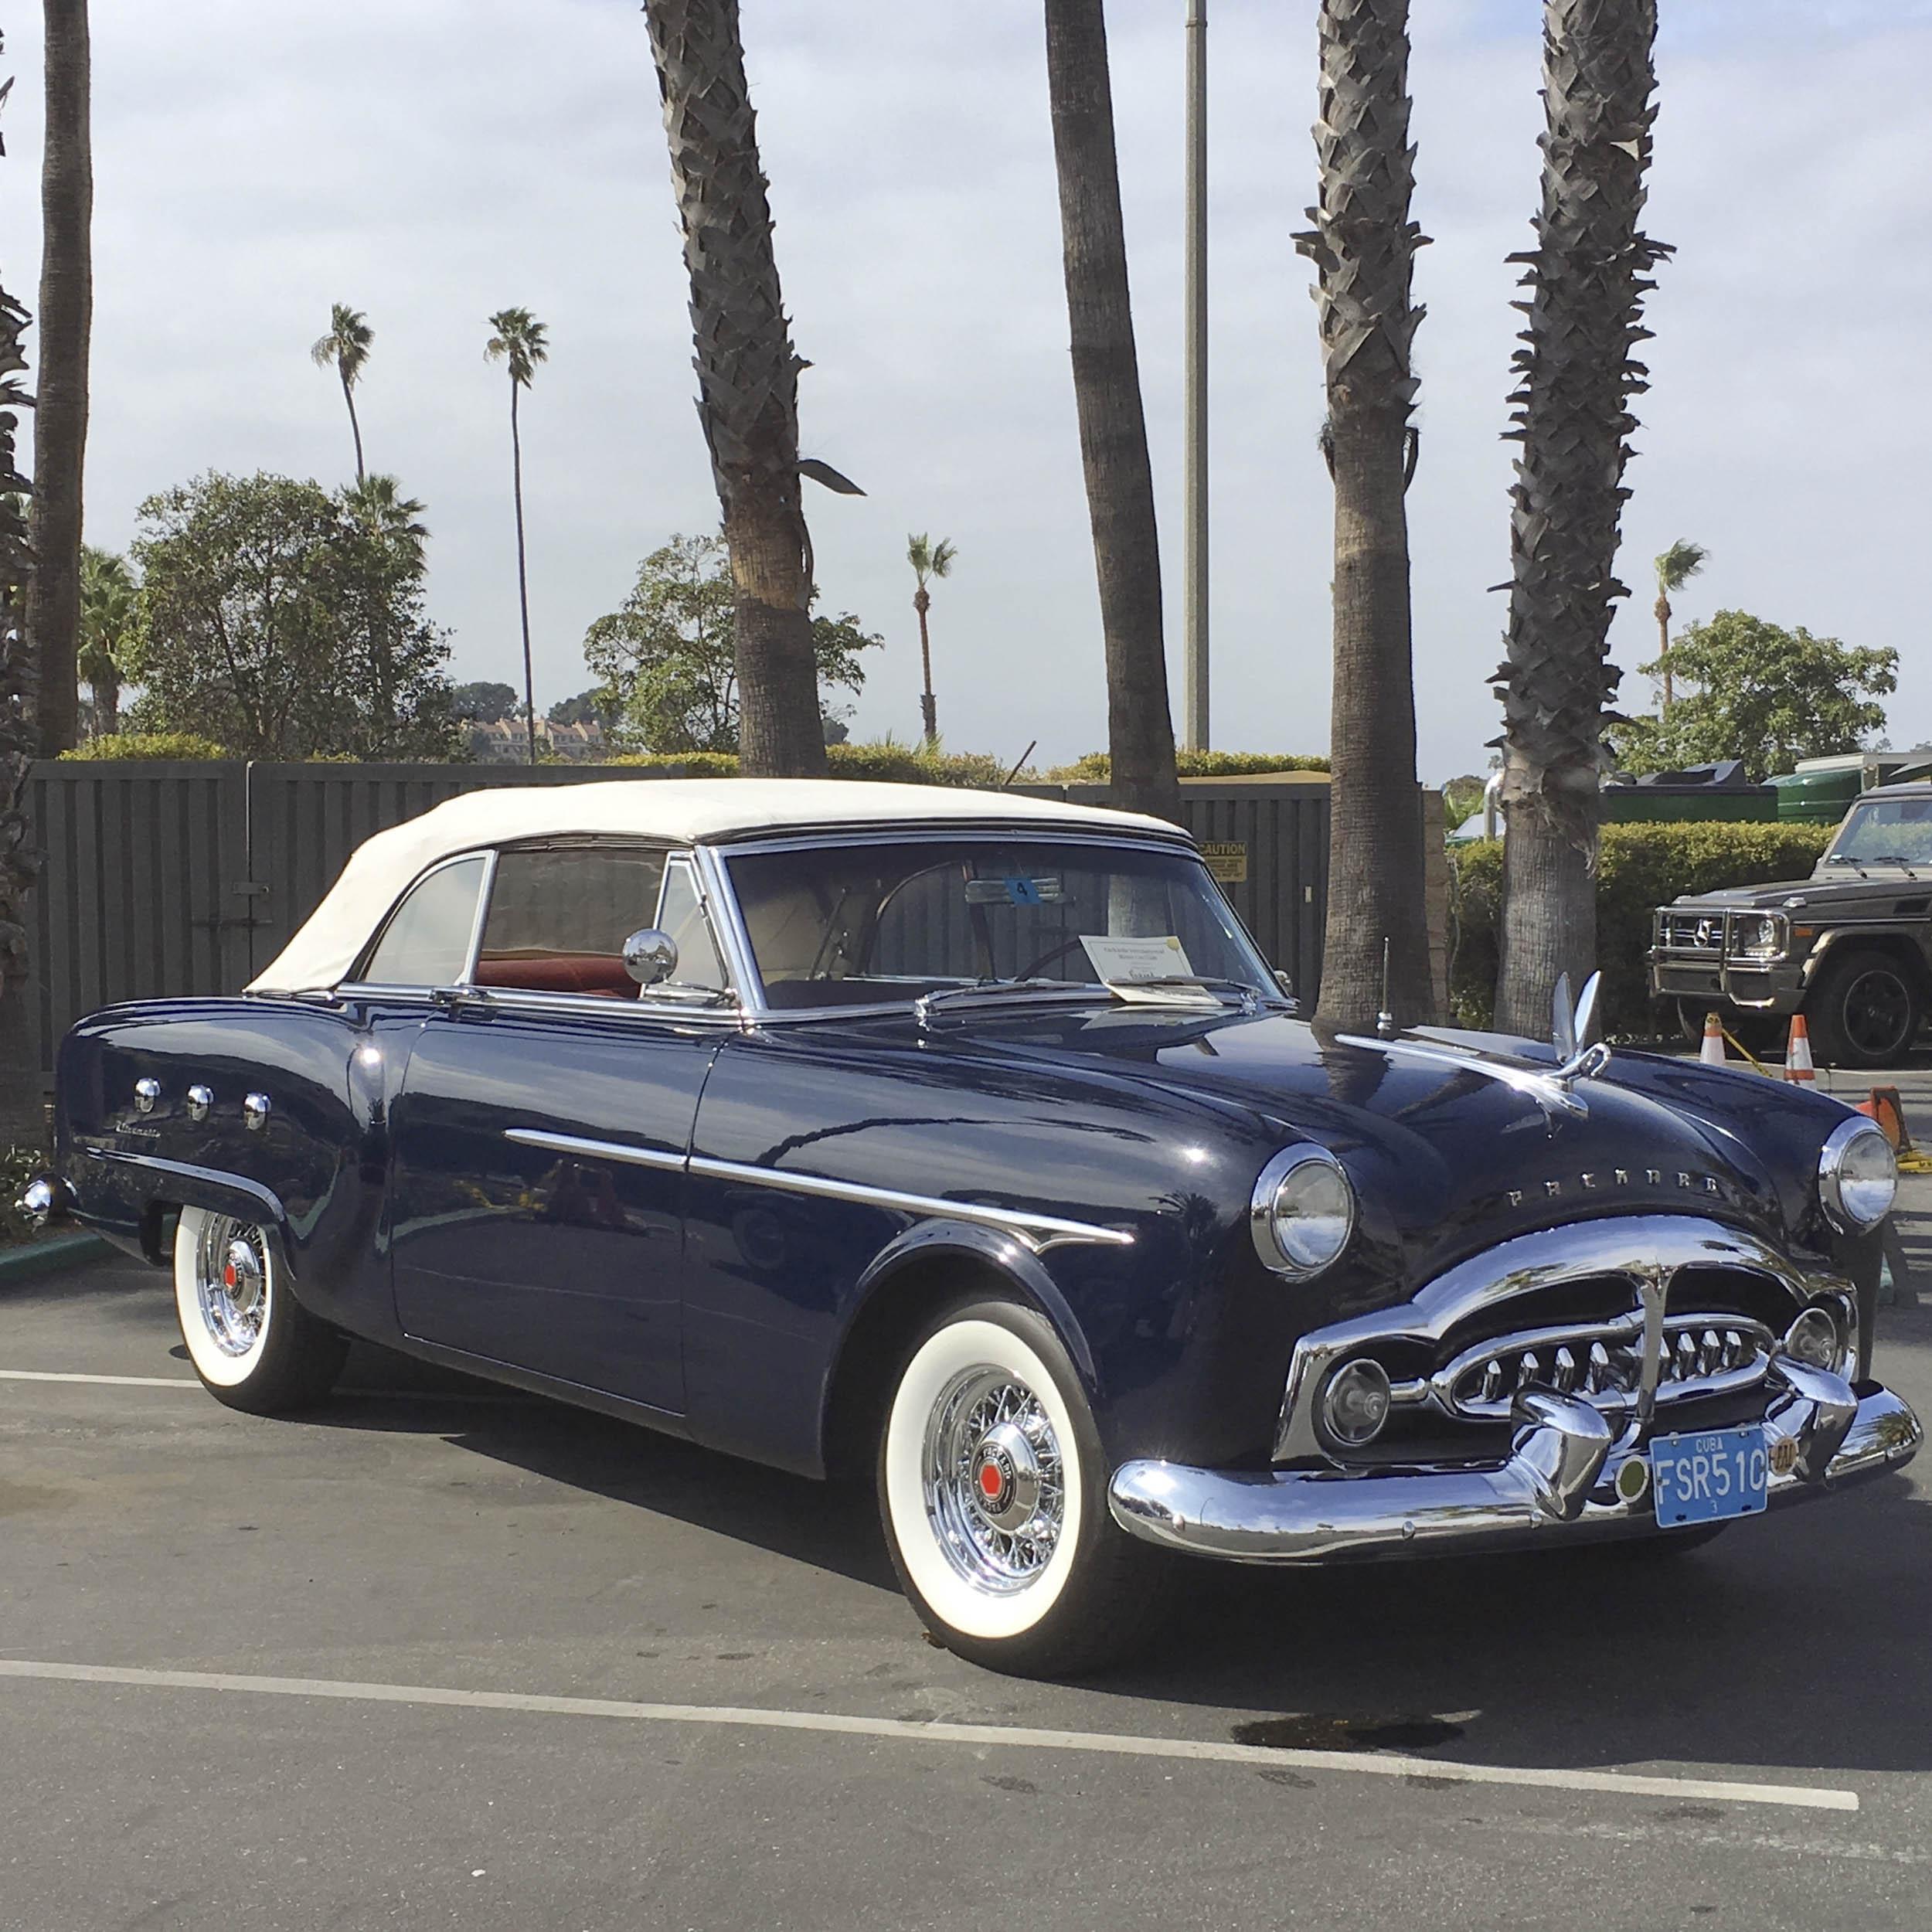 1951 Packard convertible